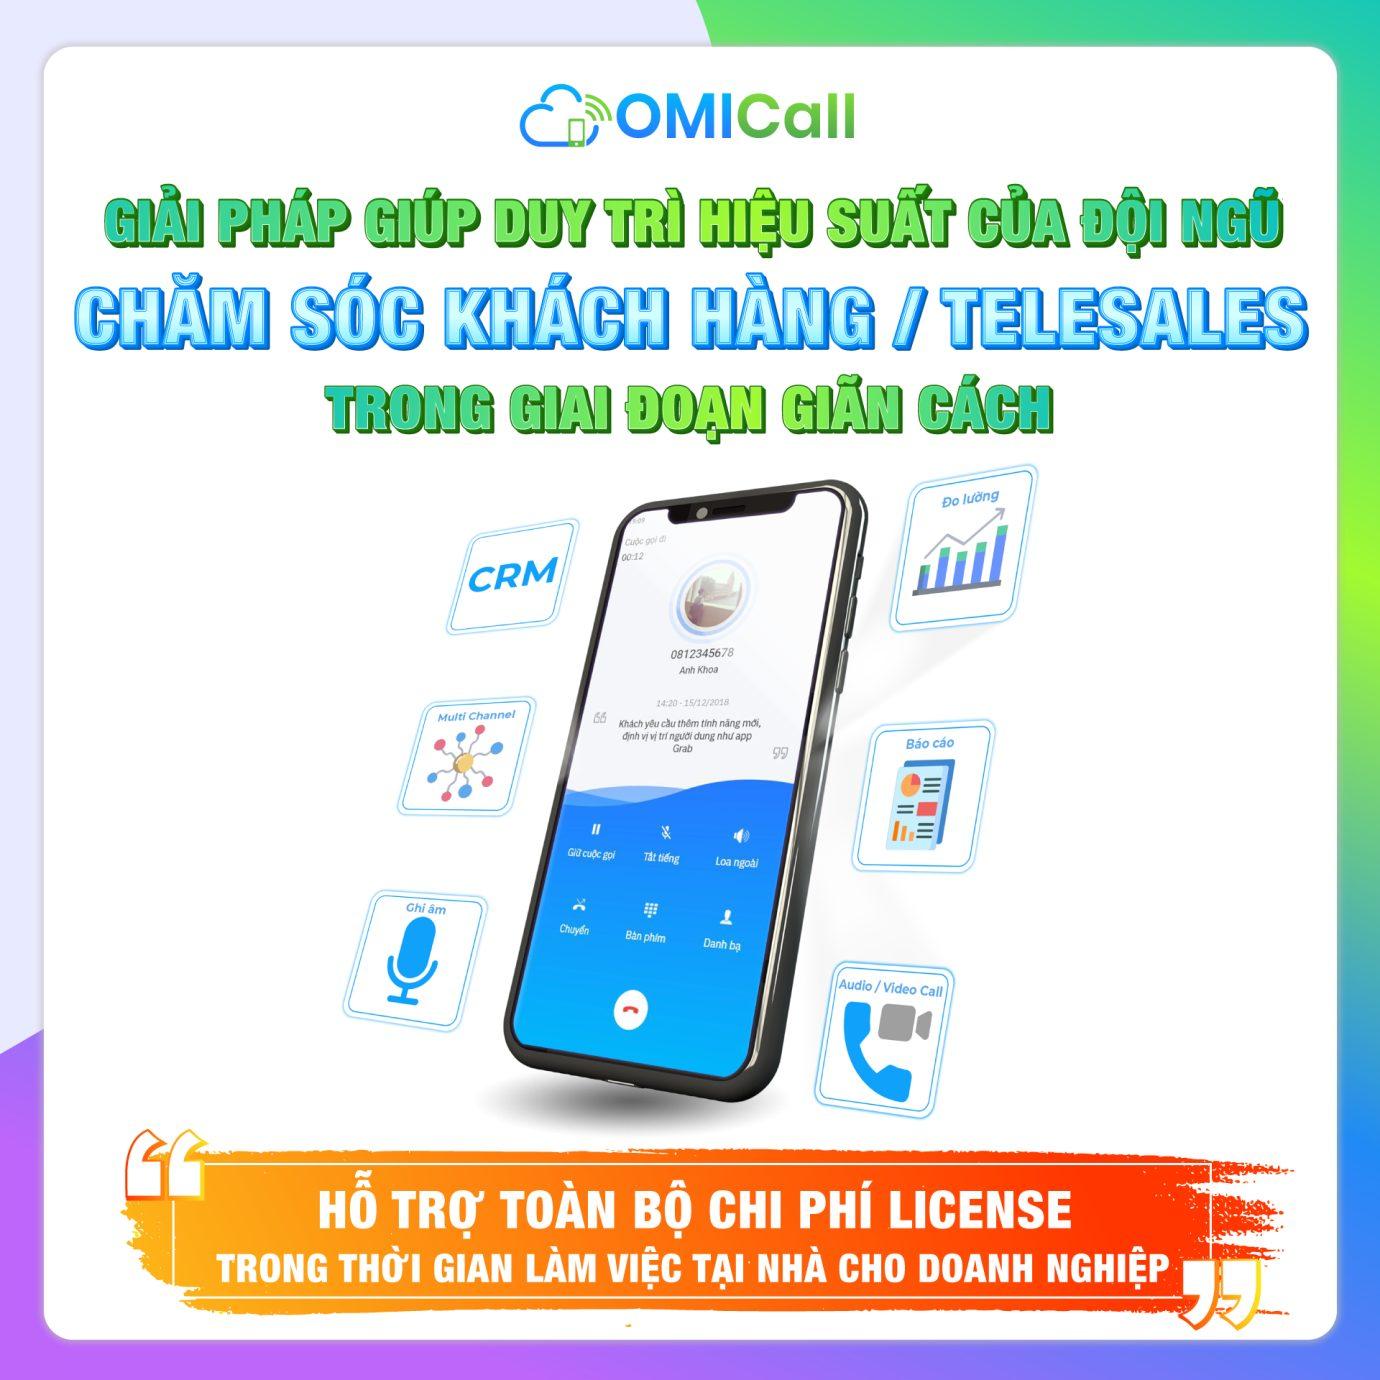 Tổng đài đa kênh OMICall miễn phí License trong thời gian phong tỏa 3